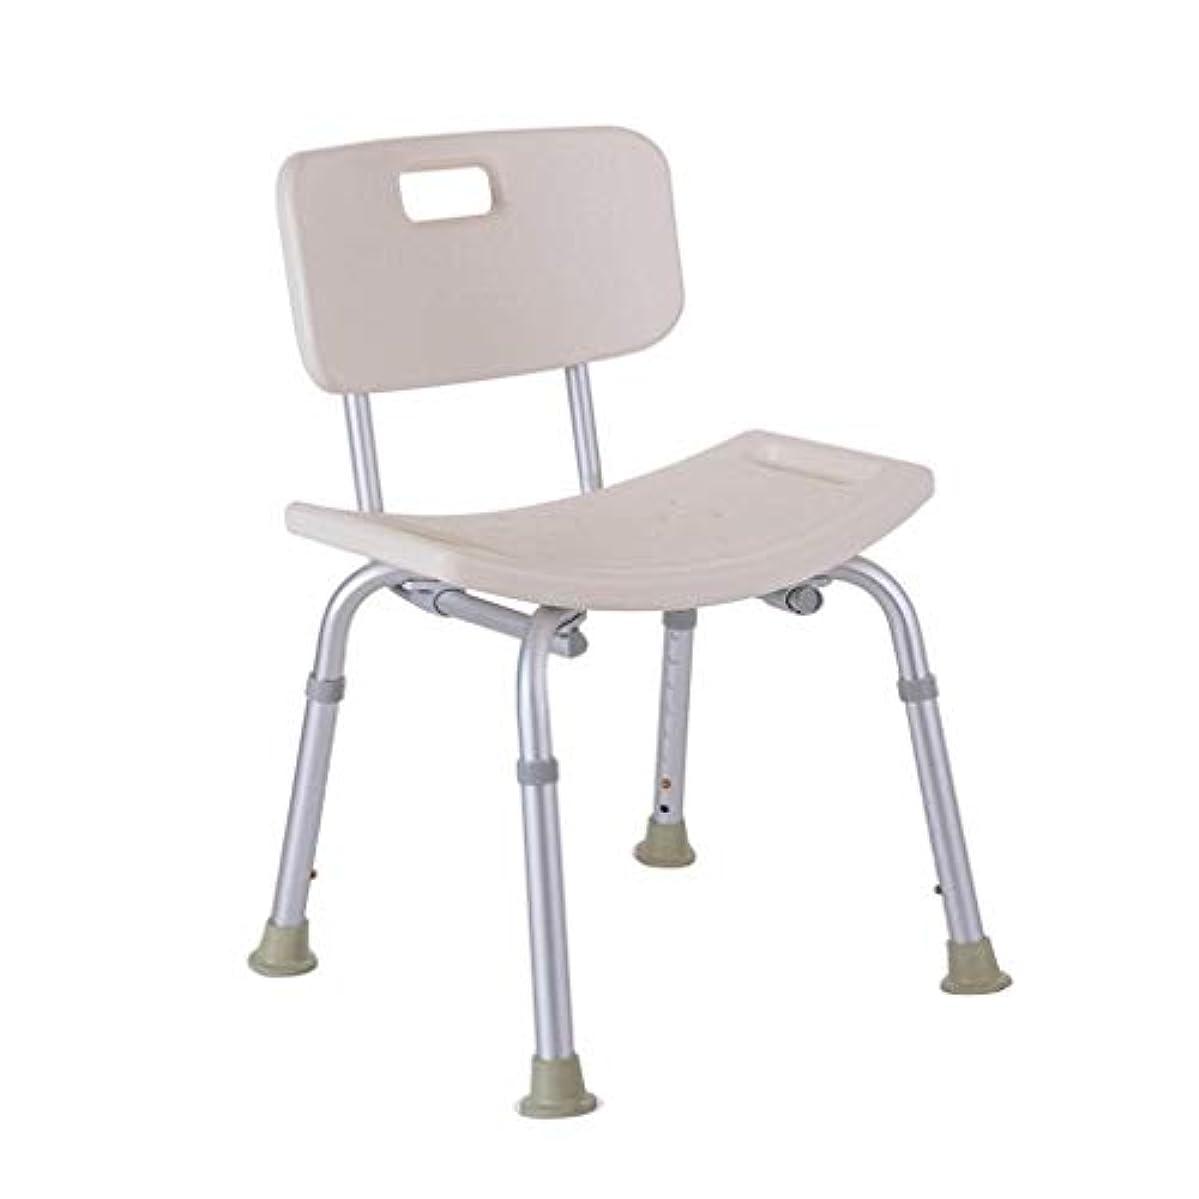 解明明快閲覧するお風呂の椅子、背もたれ付き調節可能な高さ